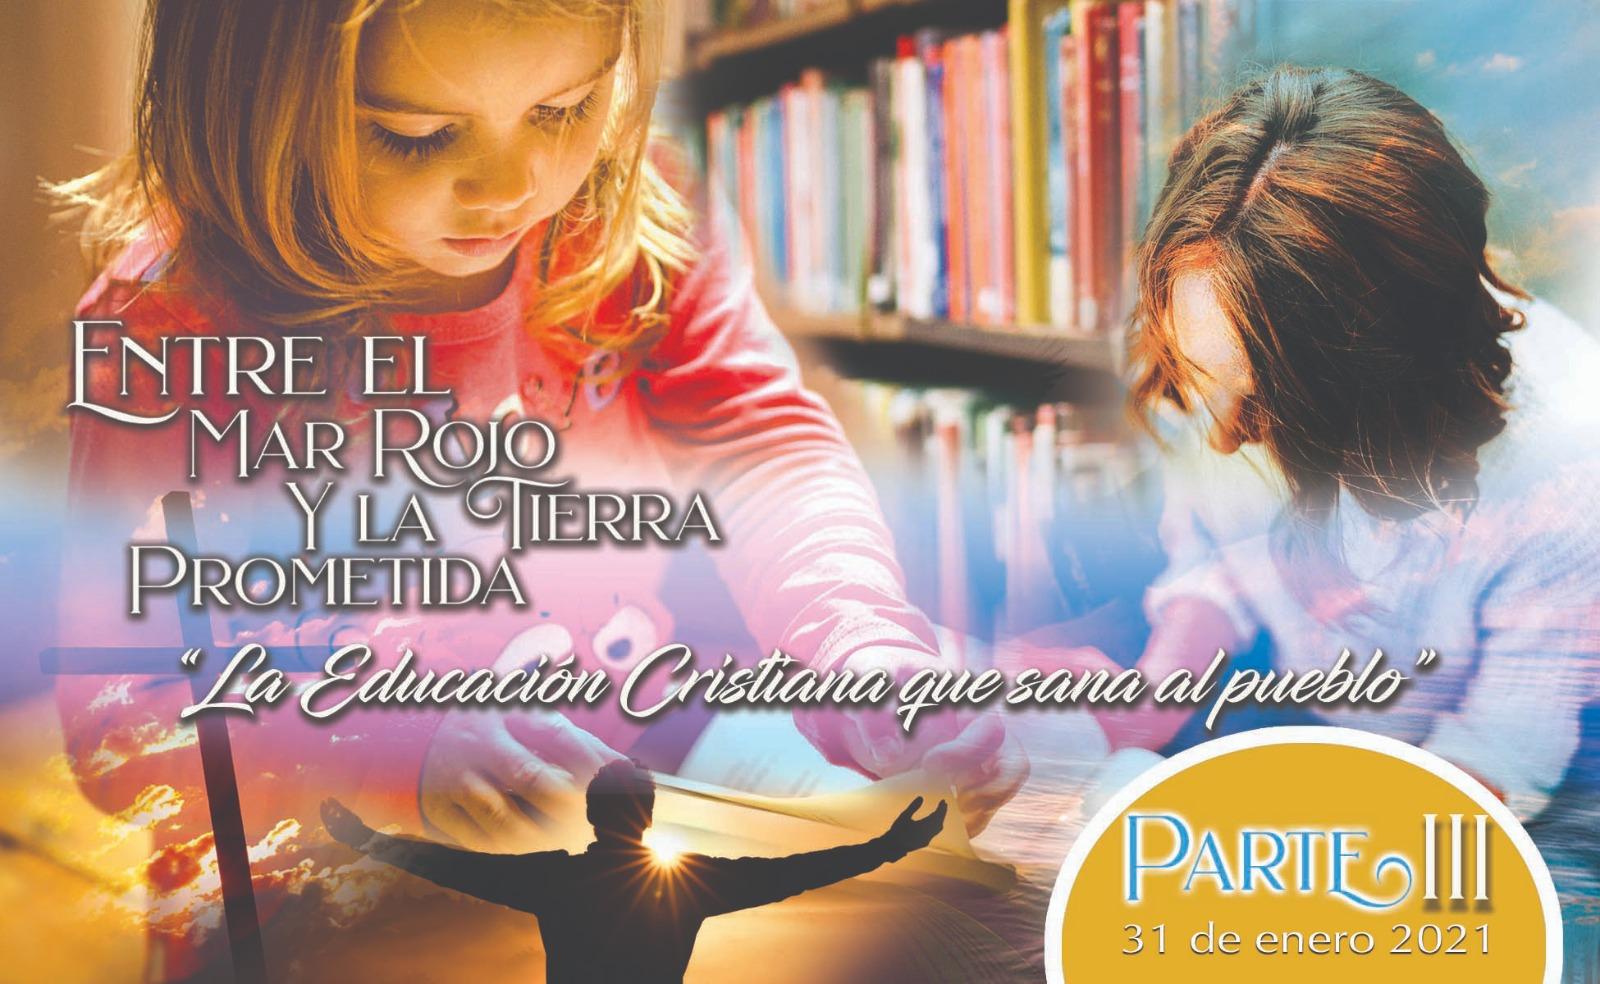 """781 • Entre el Mar Rojo y la Tierra Prometida: """" La Educación Cristiana que Sana al pueblo """" – Parte III • El Heraldo Institucional del 31 de enero del 2021 • Volumen XVI • 781"""